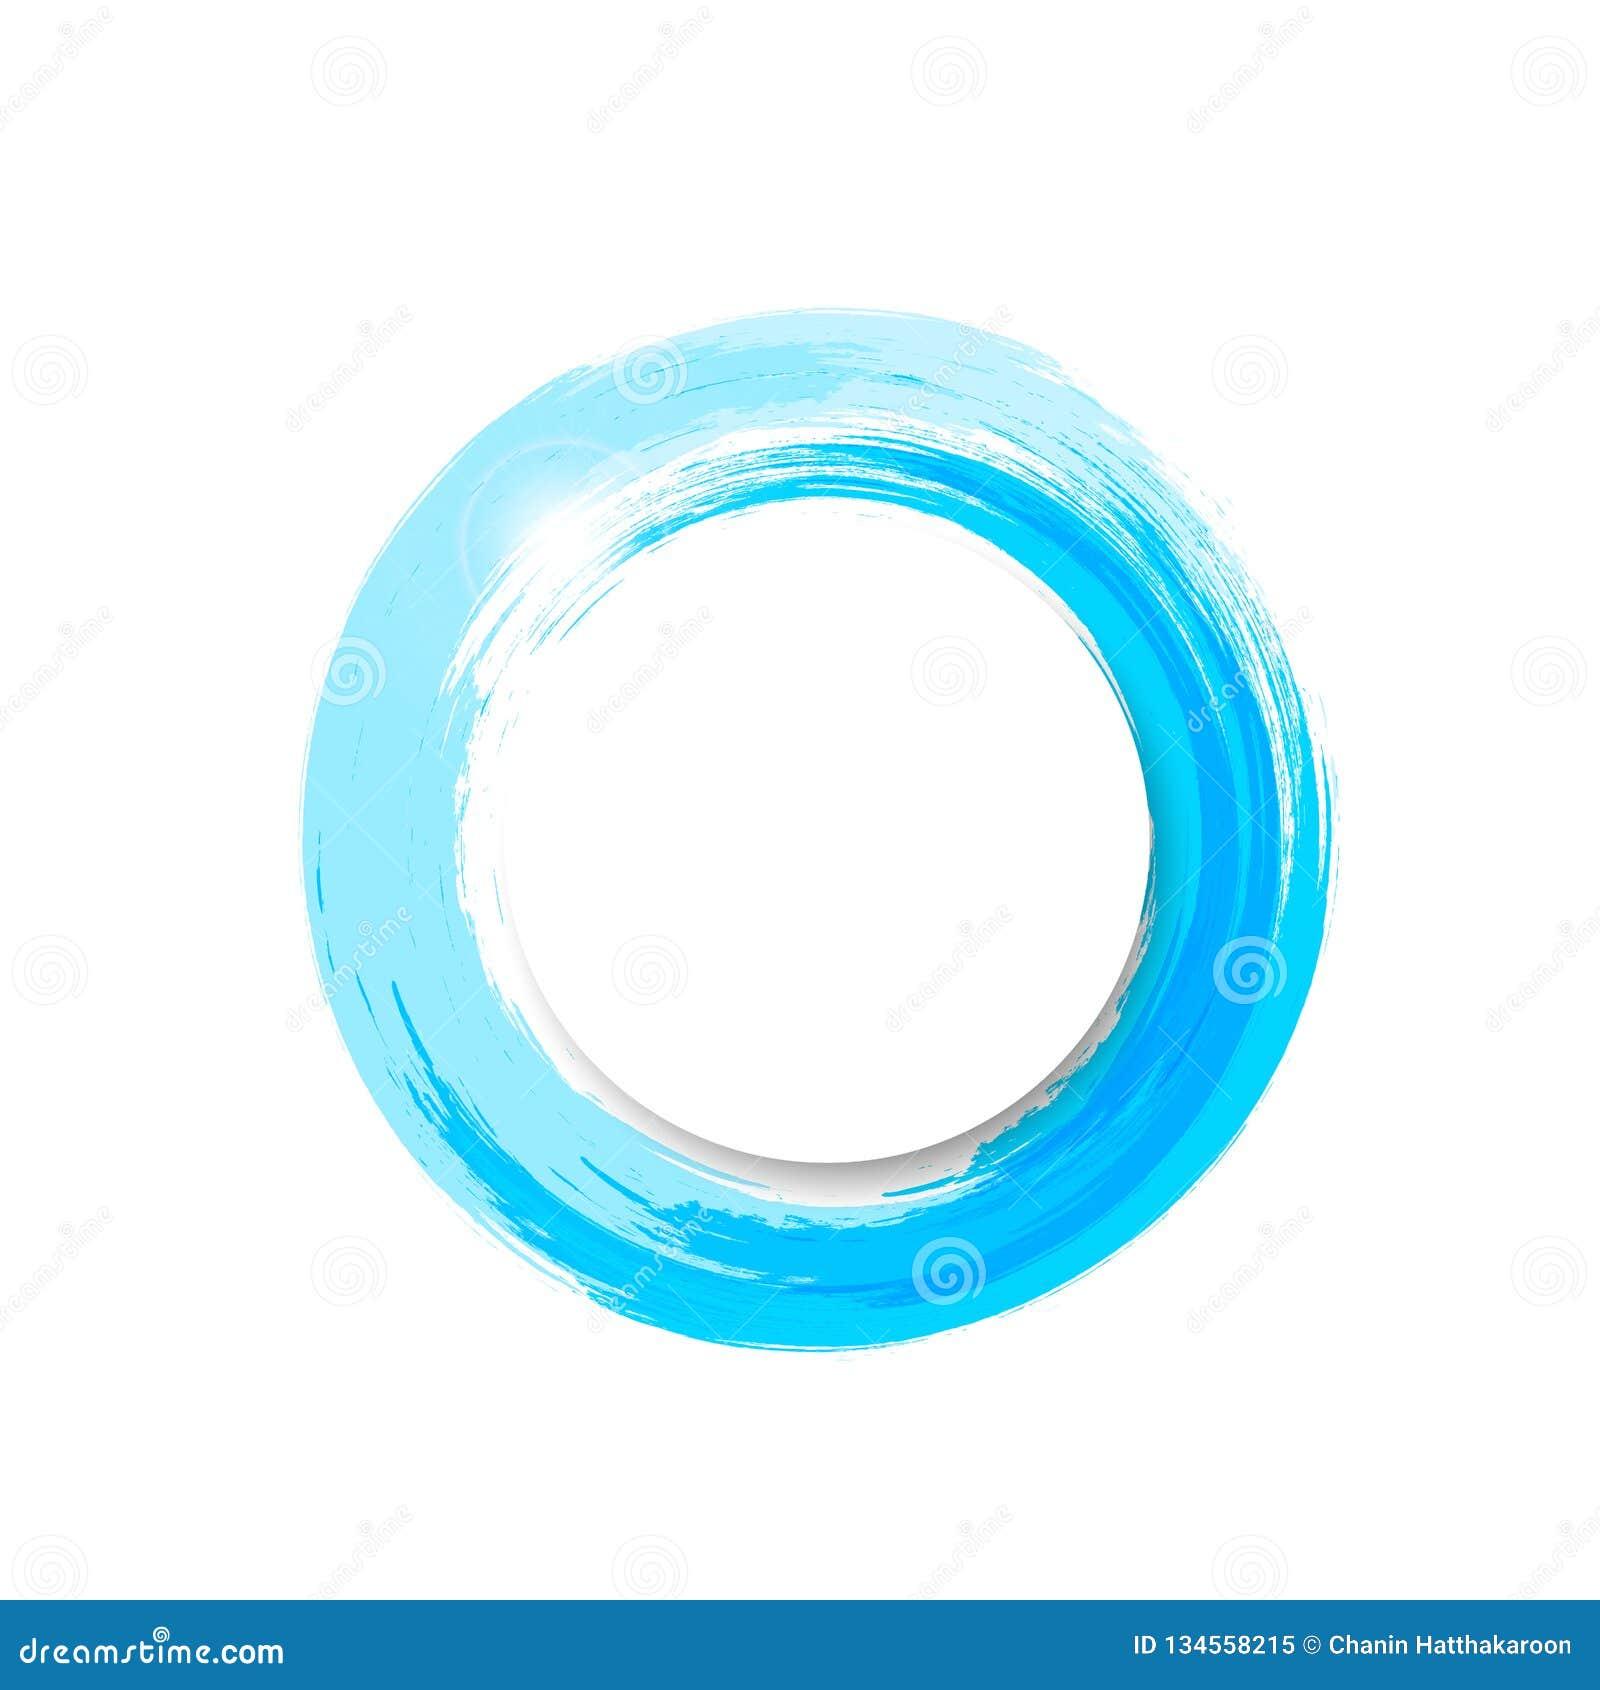 Logotipo de la bandera del chapoteo del agua, ejemplo del vector de la cuaderna del círculo de la tinta azul de la acuarela